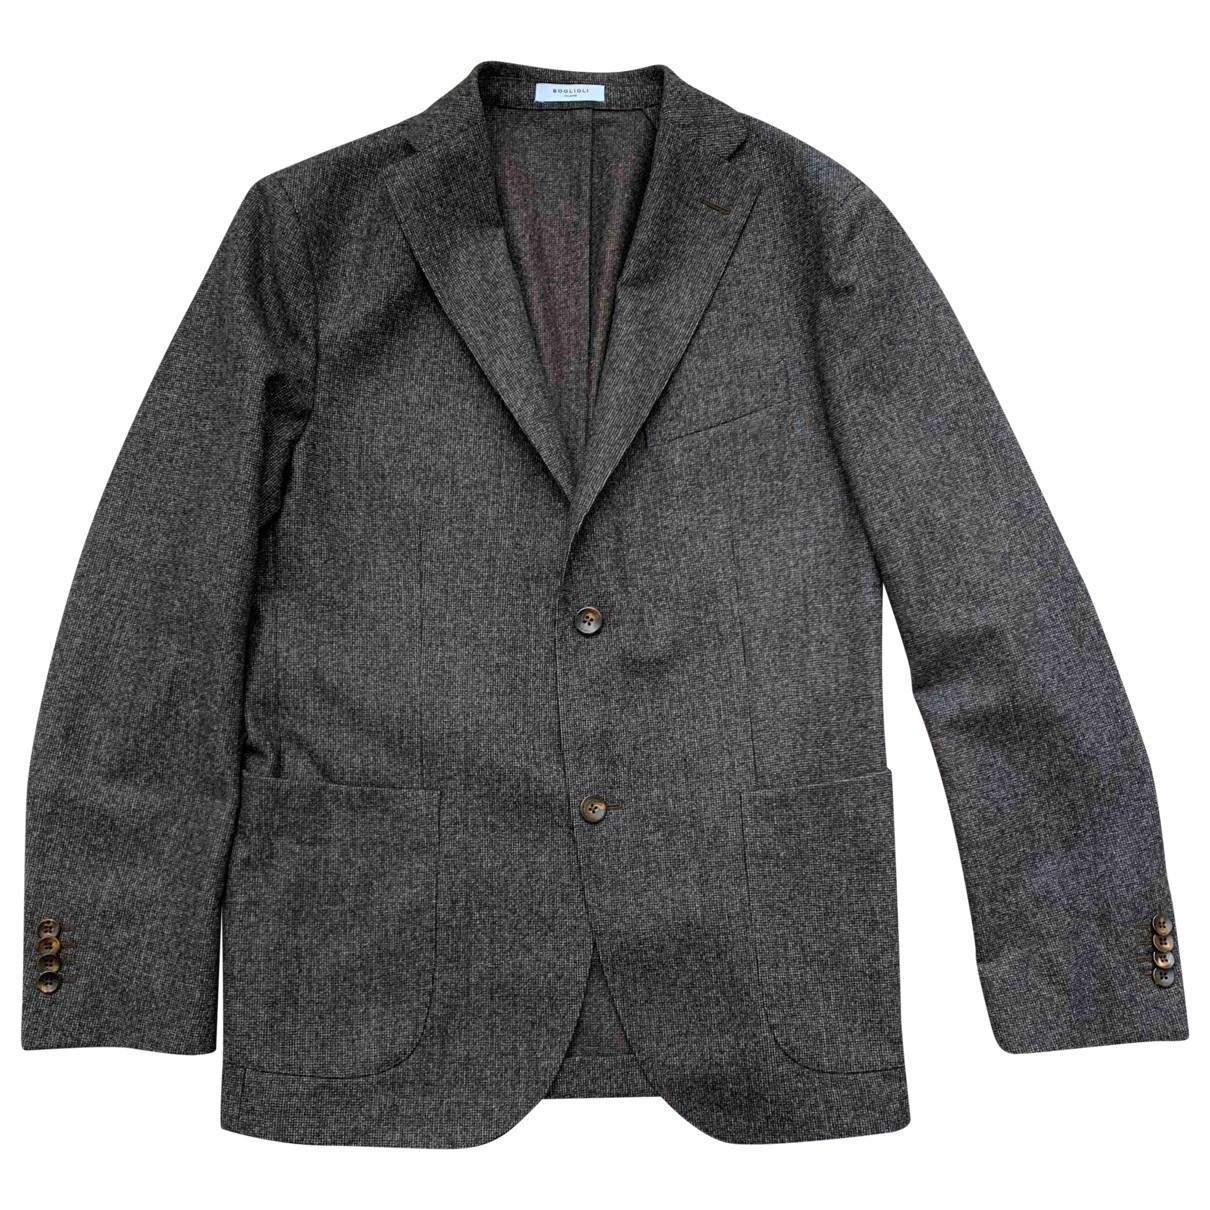 Boglioli - Vestes.Blousons   pour homme en laine - anthracite